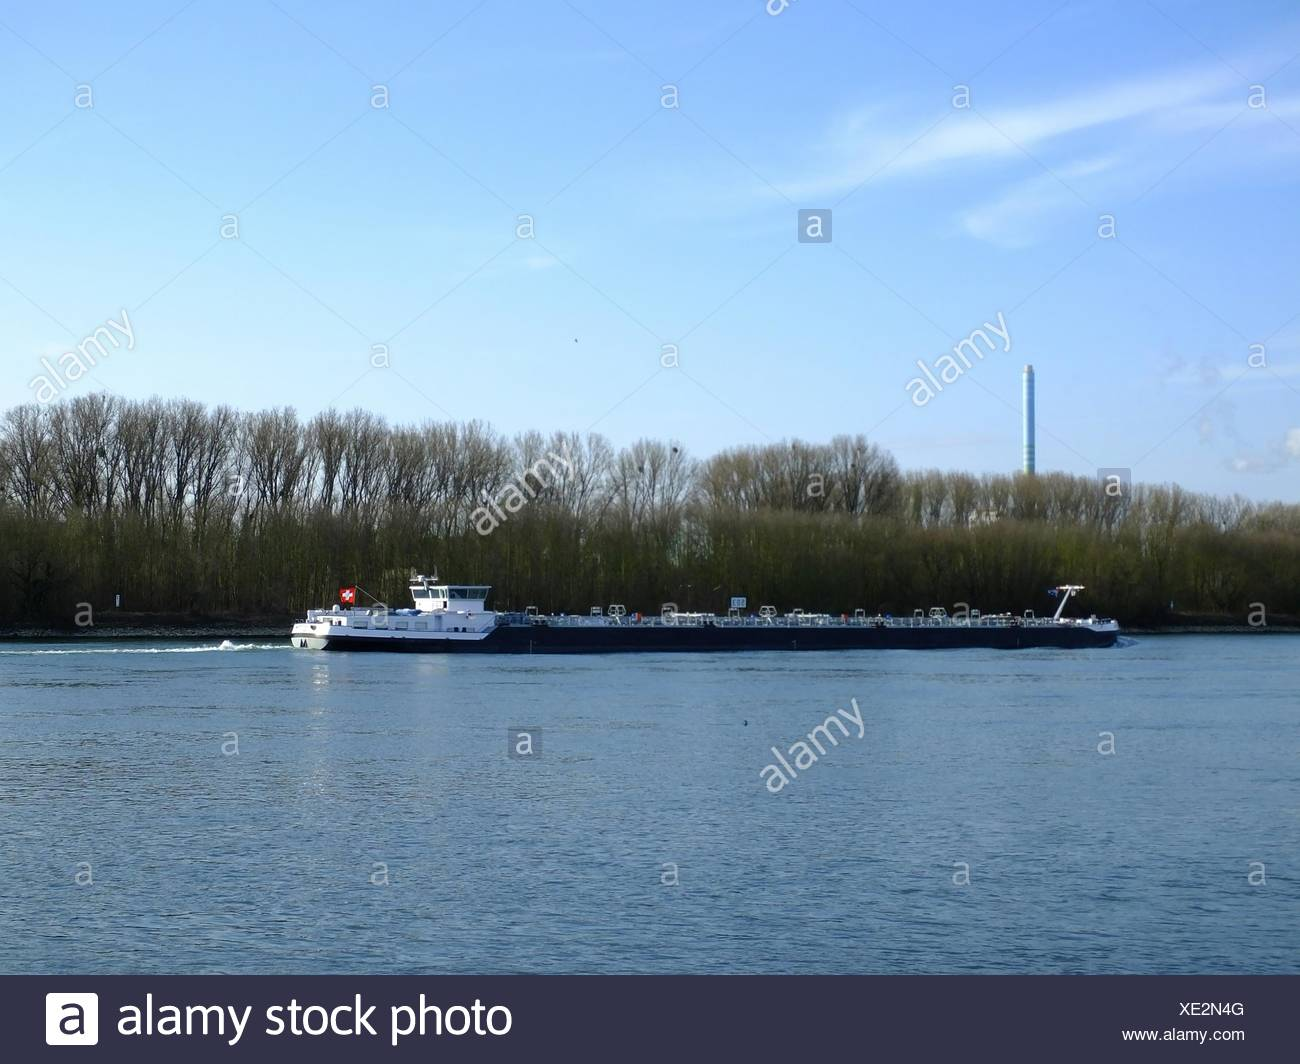 Ansicht der Barge In Fluss Stockbild